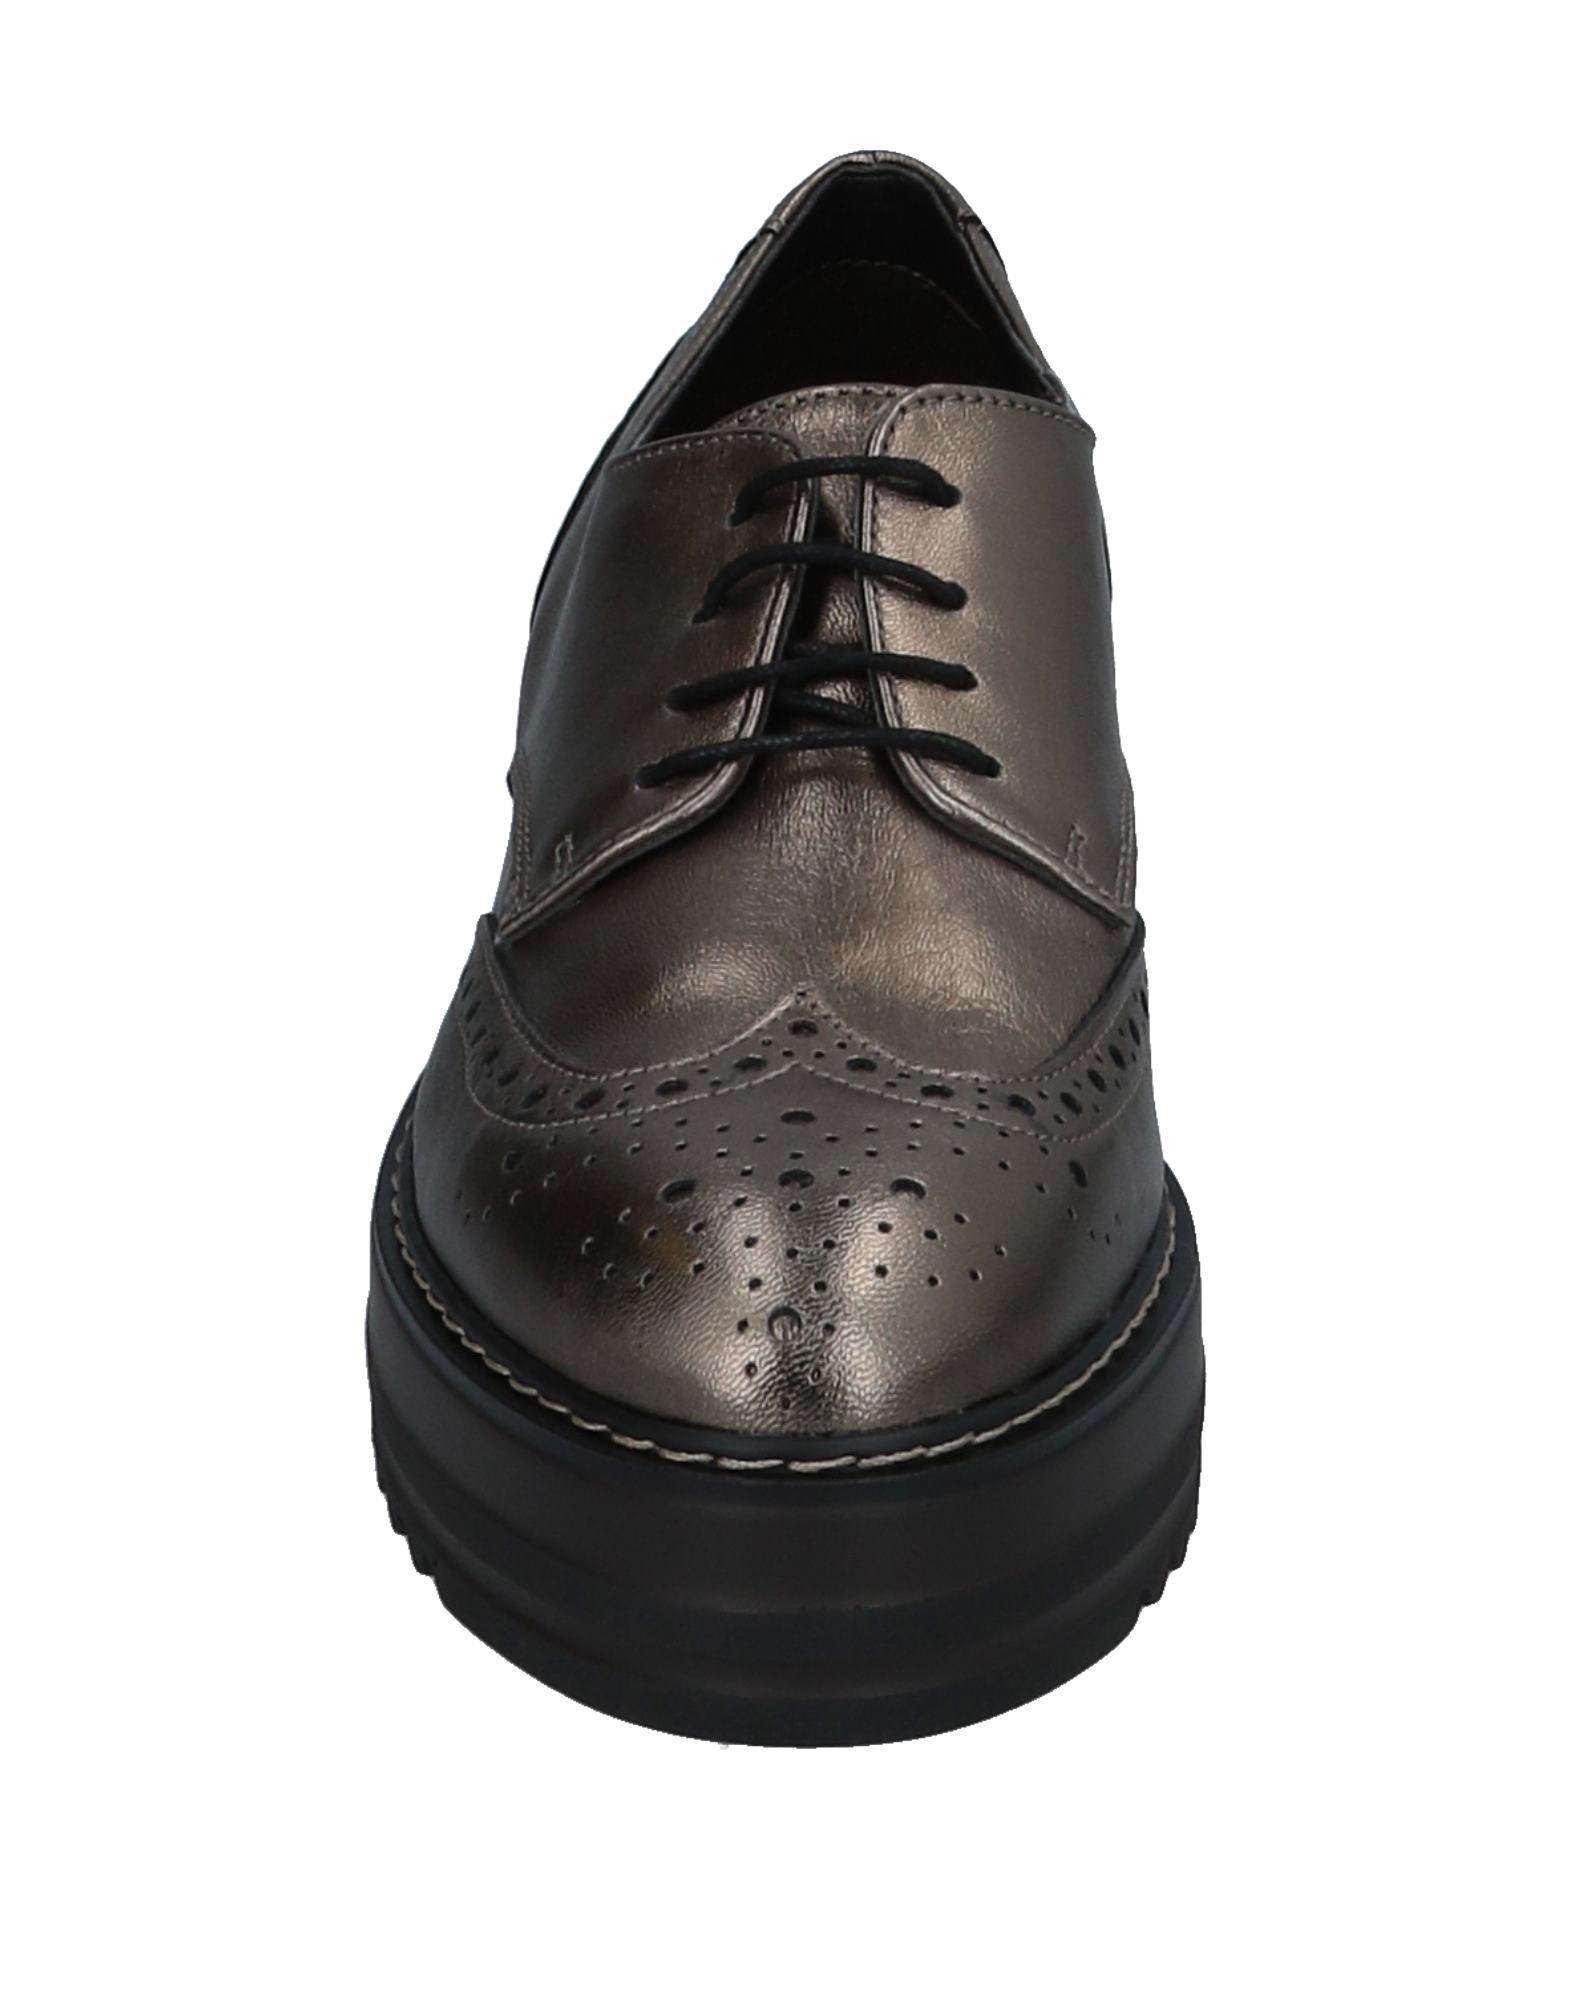 Eliana Bucci Schnürschuhe Qualität Damen  11532276SM Gute Qualität Schnürschuhe beliebte Schuhe b1e024